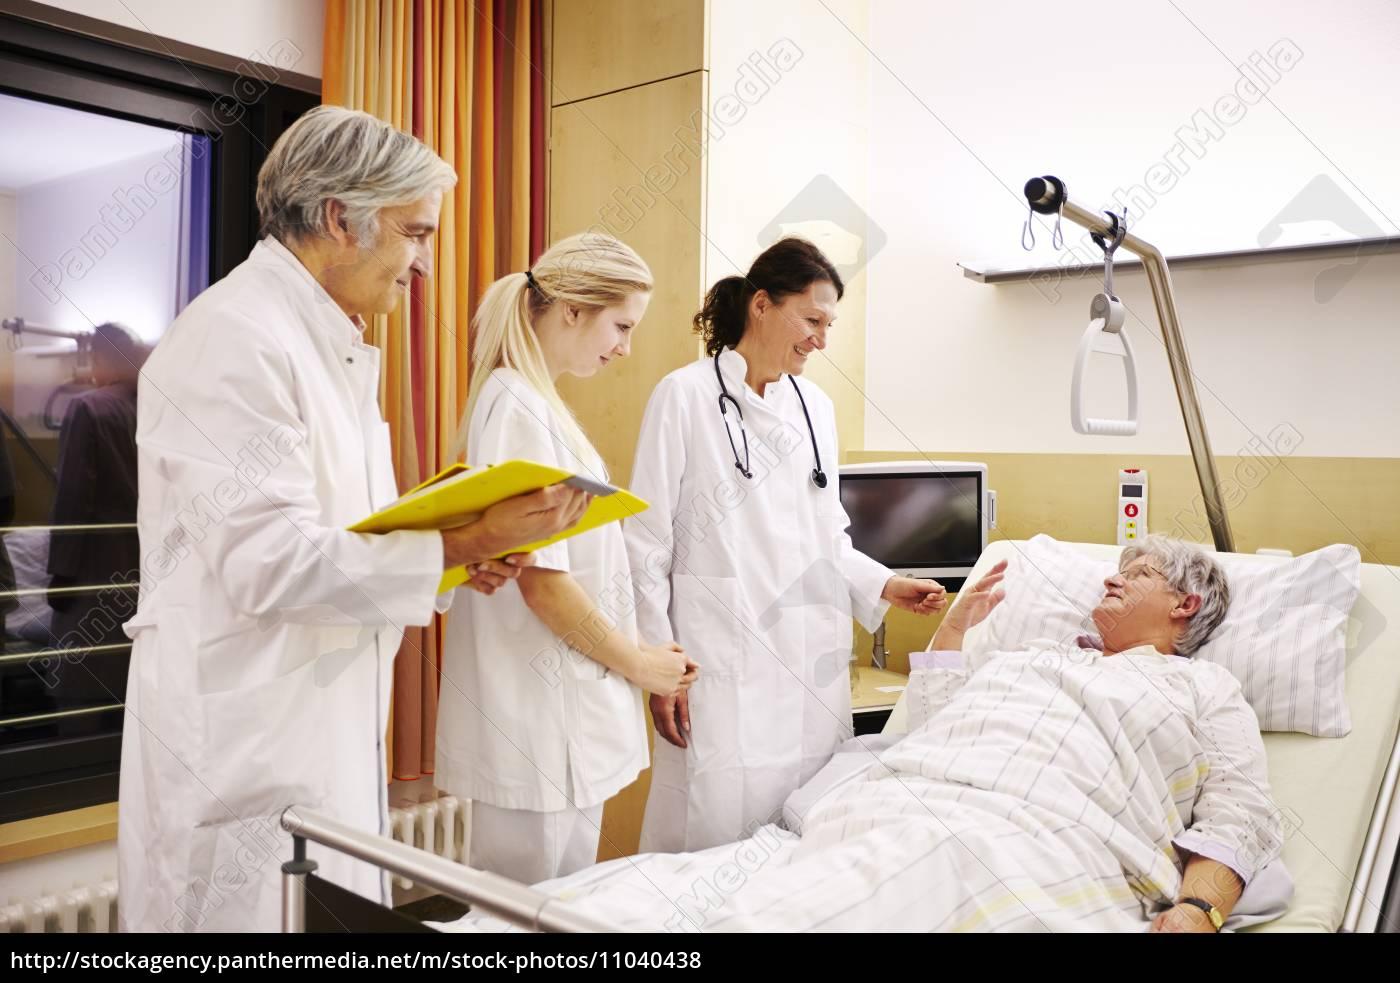 Gangbang Im Krankenhaus Mit Der Heißesten Patientin